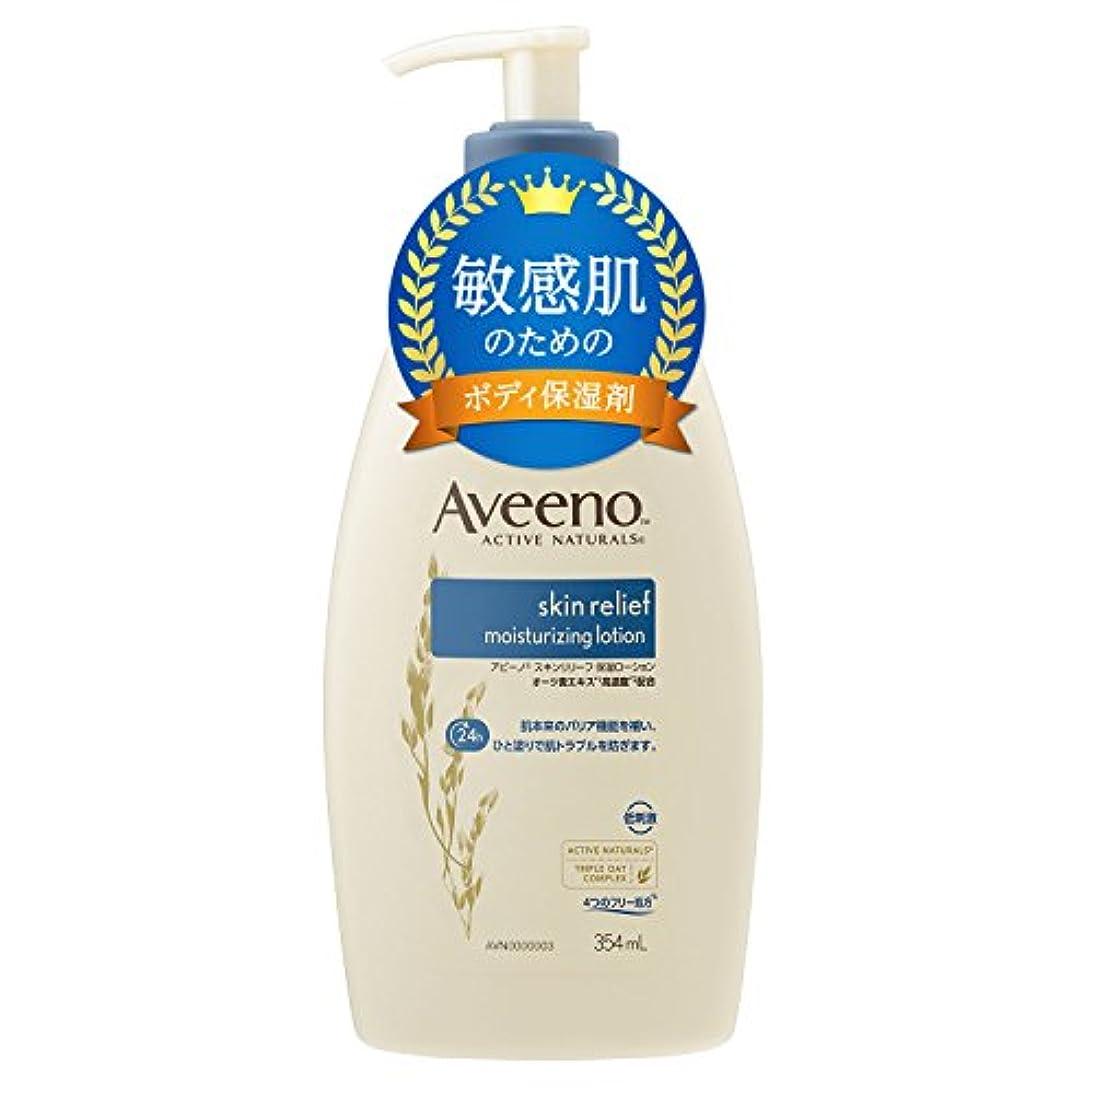 マーケティング興奮する系統的【Amazon.co.jp限定】Aveeno(アビーノ) スキンリリーフ 保湿ローション 354ml 【極度の乾燥肌、敏感肌の方向け】